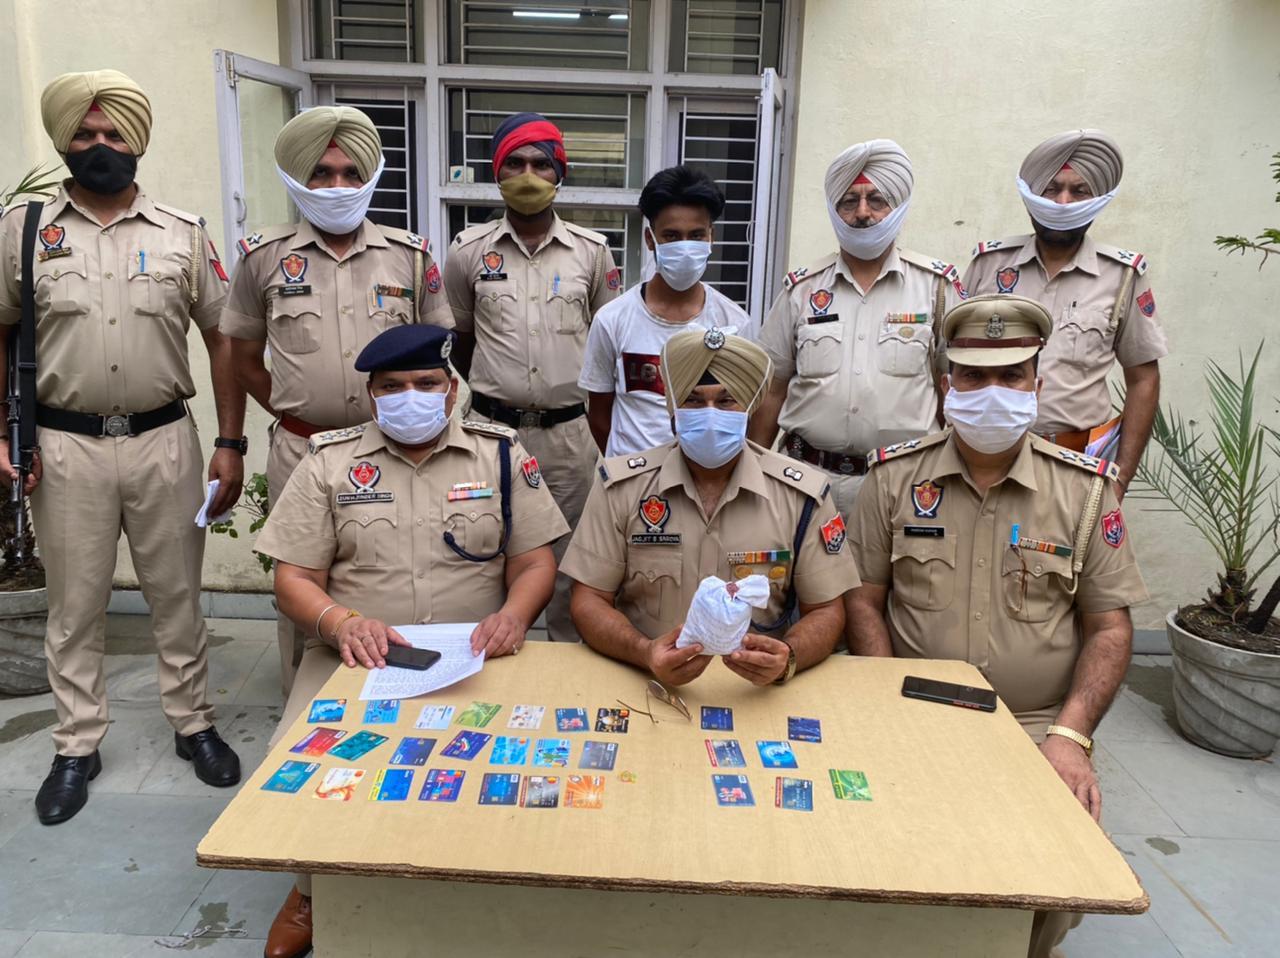 पकड़े गए आरोपी के बारे में जानकारी देते पुलिस अफसर। - Dainik Bhaskar